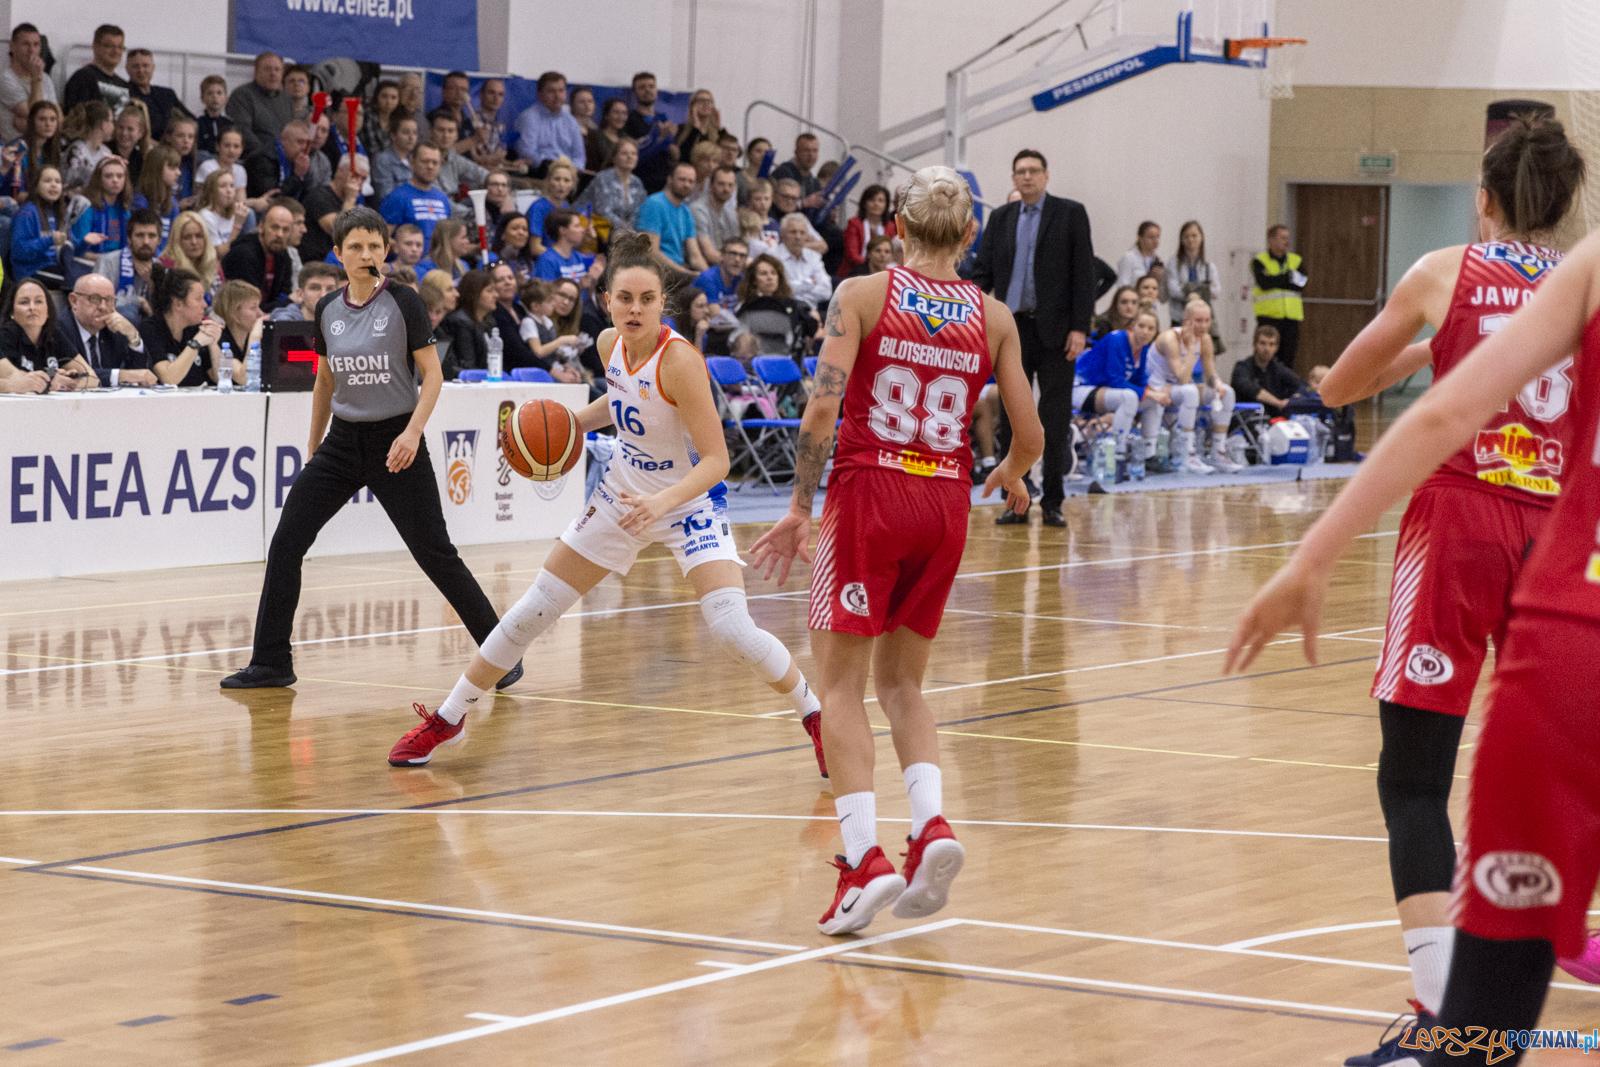 Enea AZS Poznań – TS Ostrovia Ostrów Wlkp. 69:68 - Poznań 2  Foto: LepszyPOZNAN.pl / Paweł Rychter